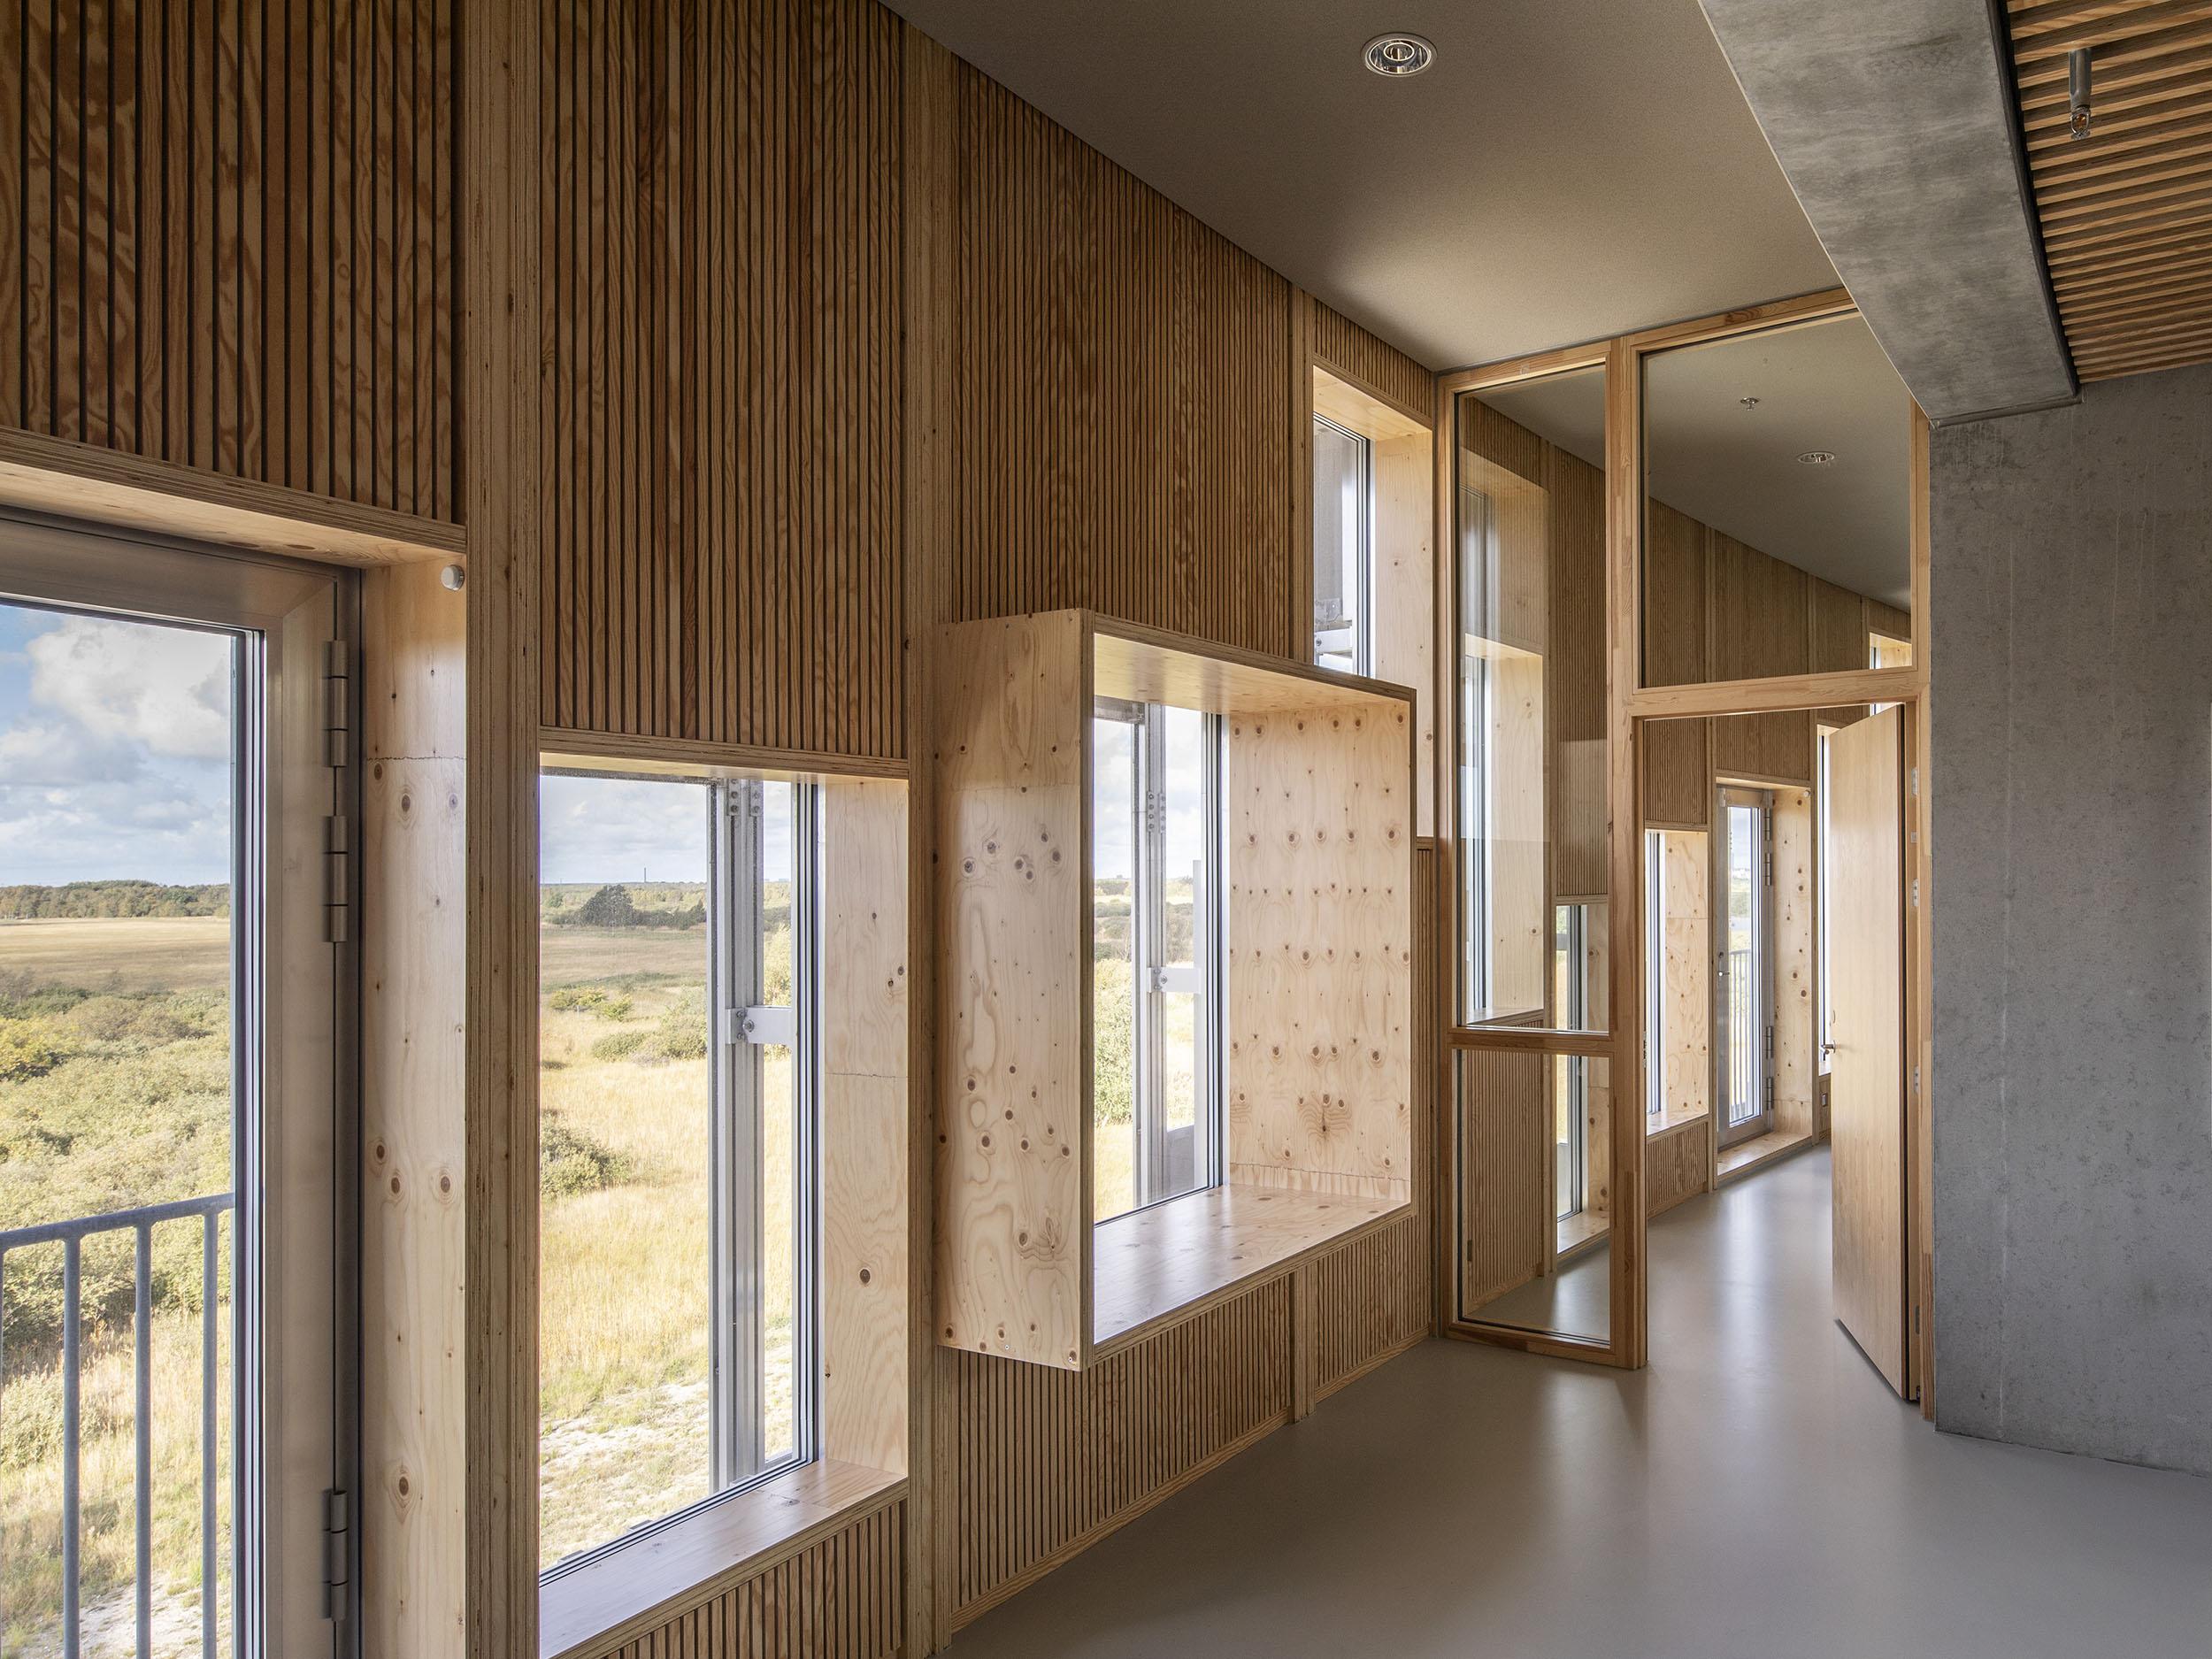 Indvendigt er facaden foret med finér i fyrretræ, der former sig til vinduesnicher og reoler, skaber små rum i det store rum, dæmper akustikken og giver plads til rolige pauser i en skoledag fuld af bevægelse.